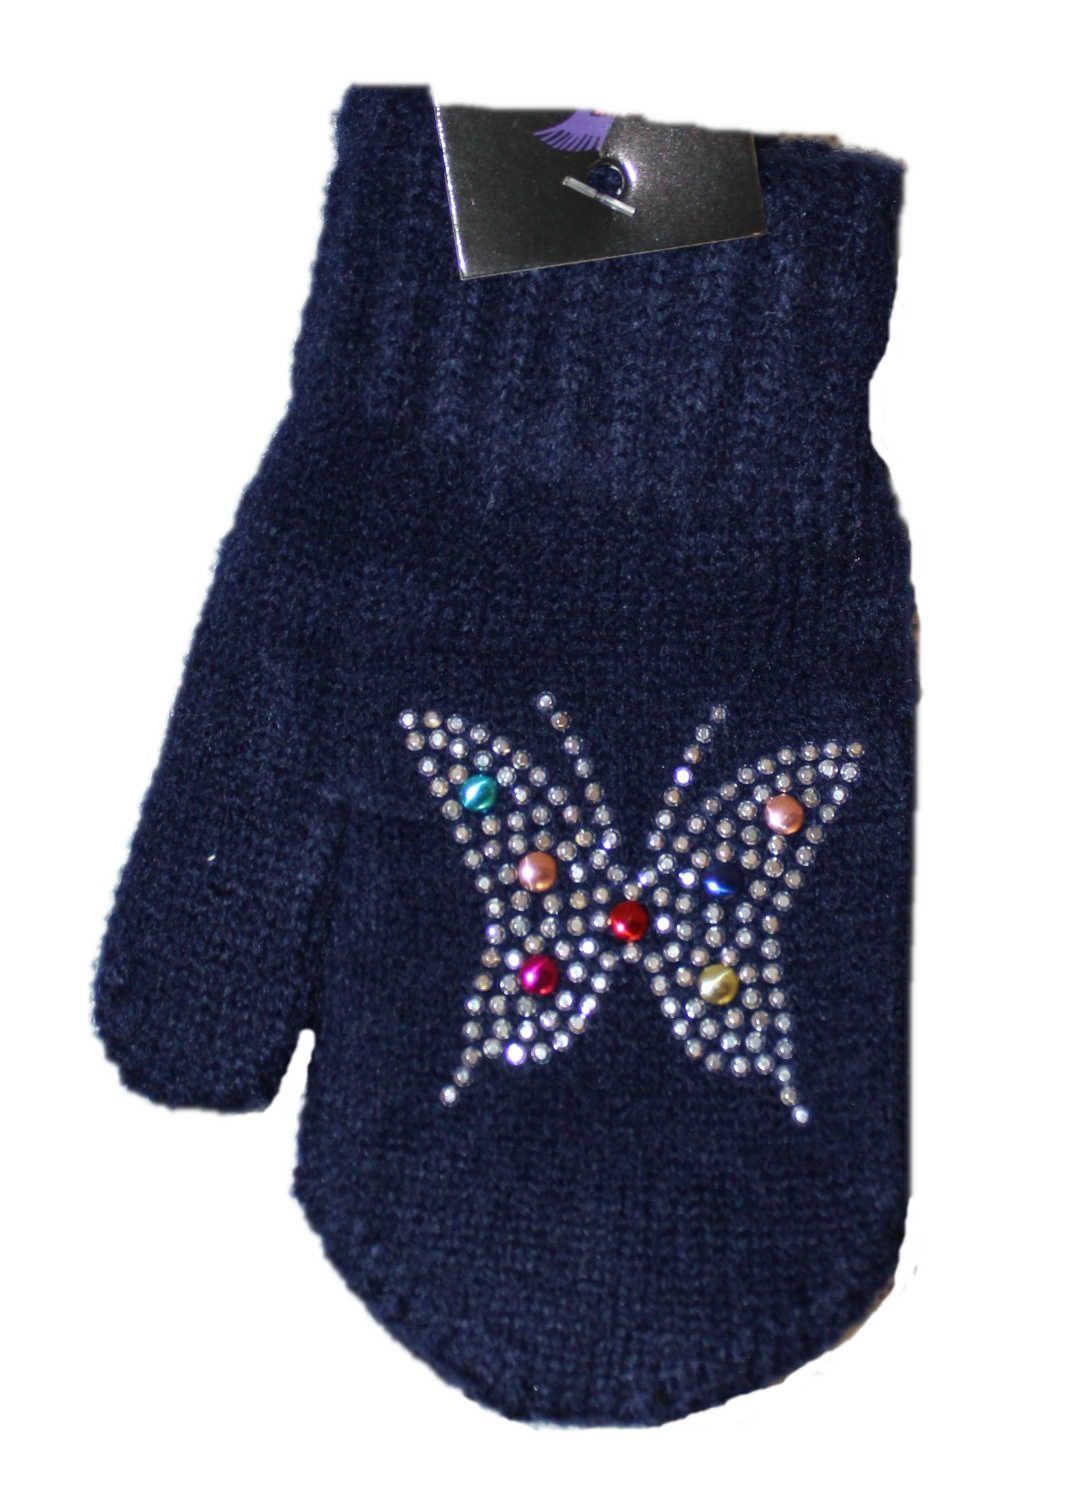 Dětské rukavice dětské palčáky slabé rukavice Orchidej